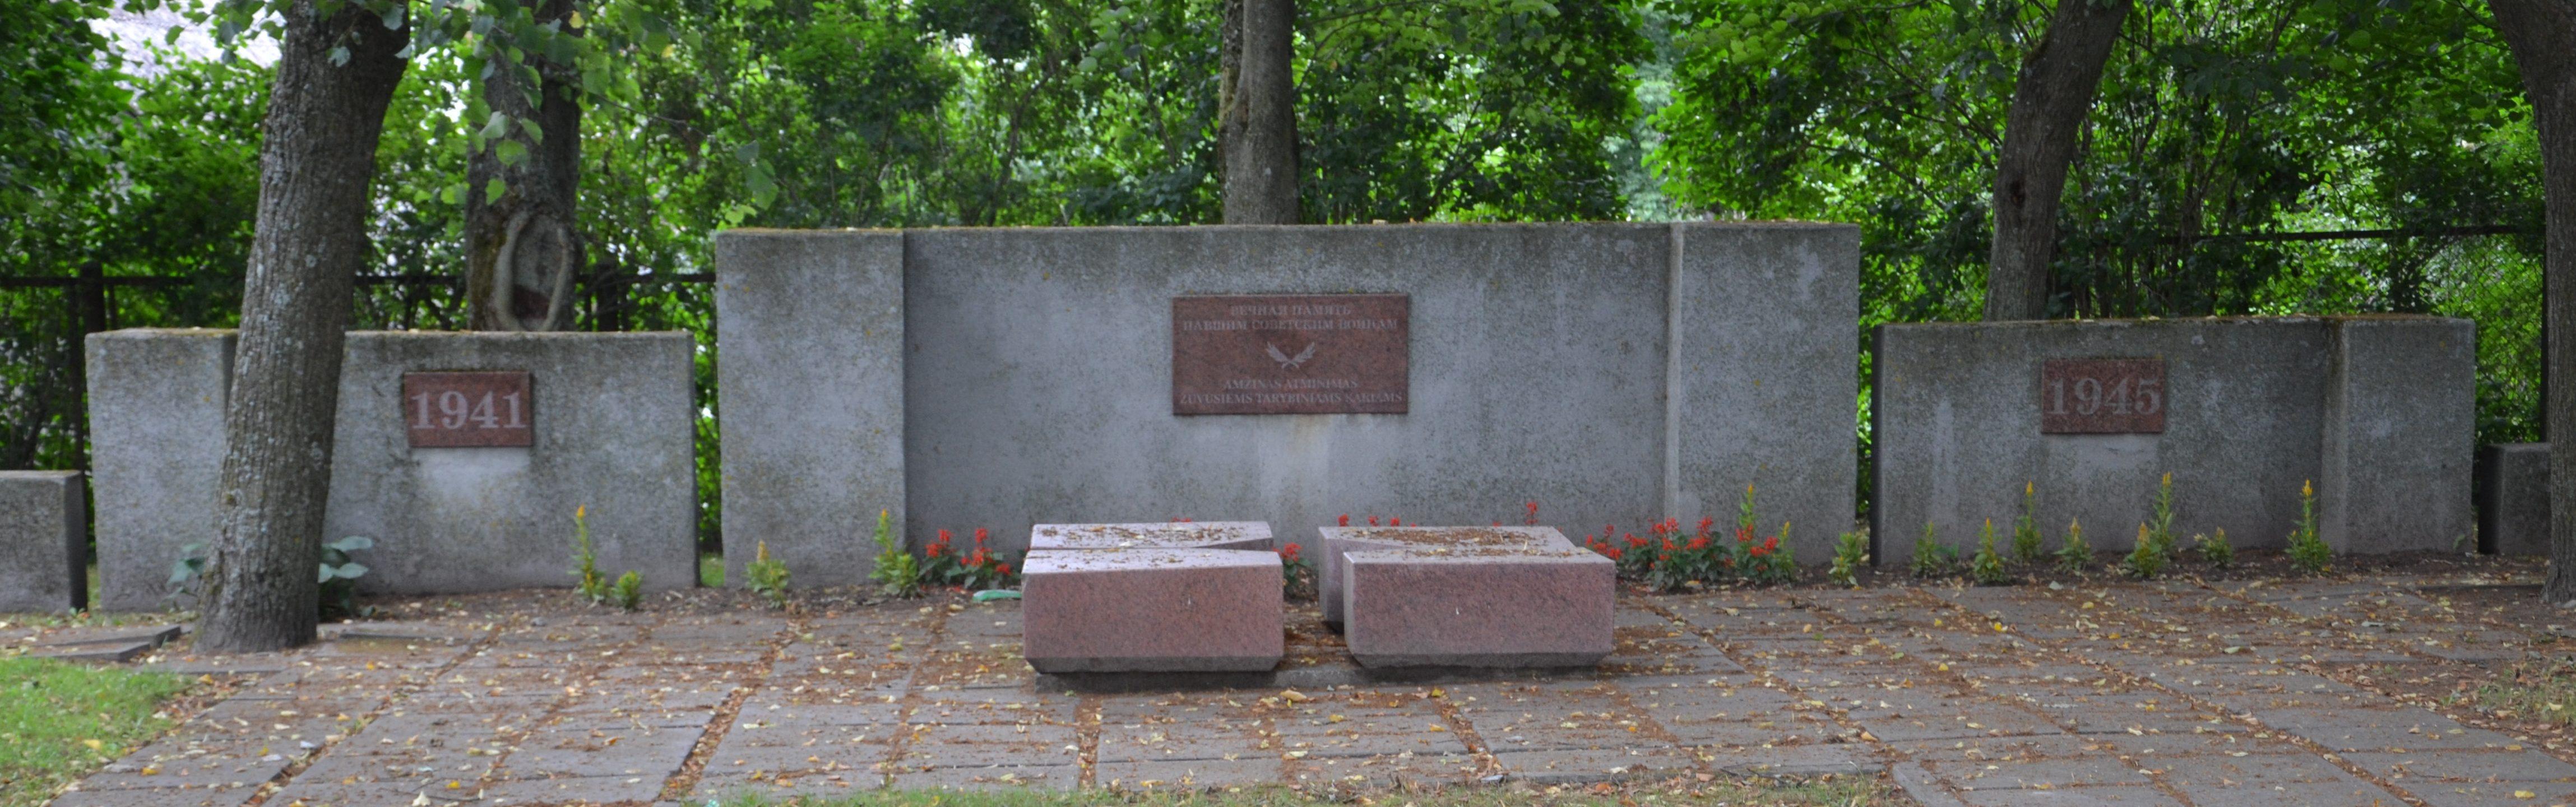 г. Салантай Кретингского р-на. Братская могила по улице Календосг, в которой похоронено 290 воинов. Среди них – два неизвестных и Герой Советского Союза Тырин Г.М.